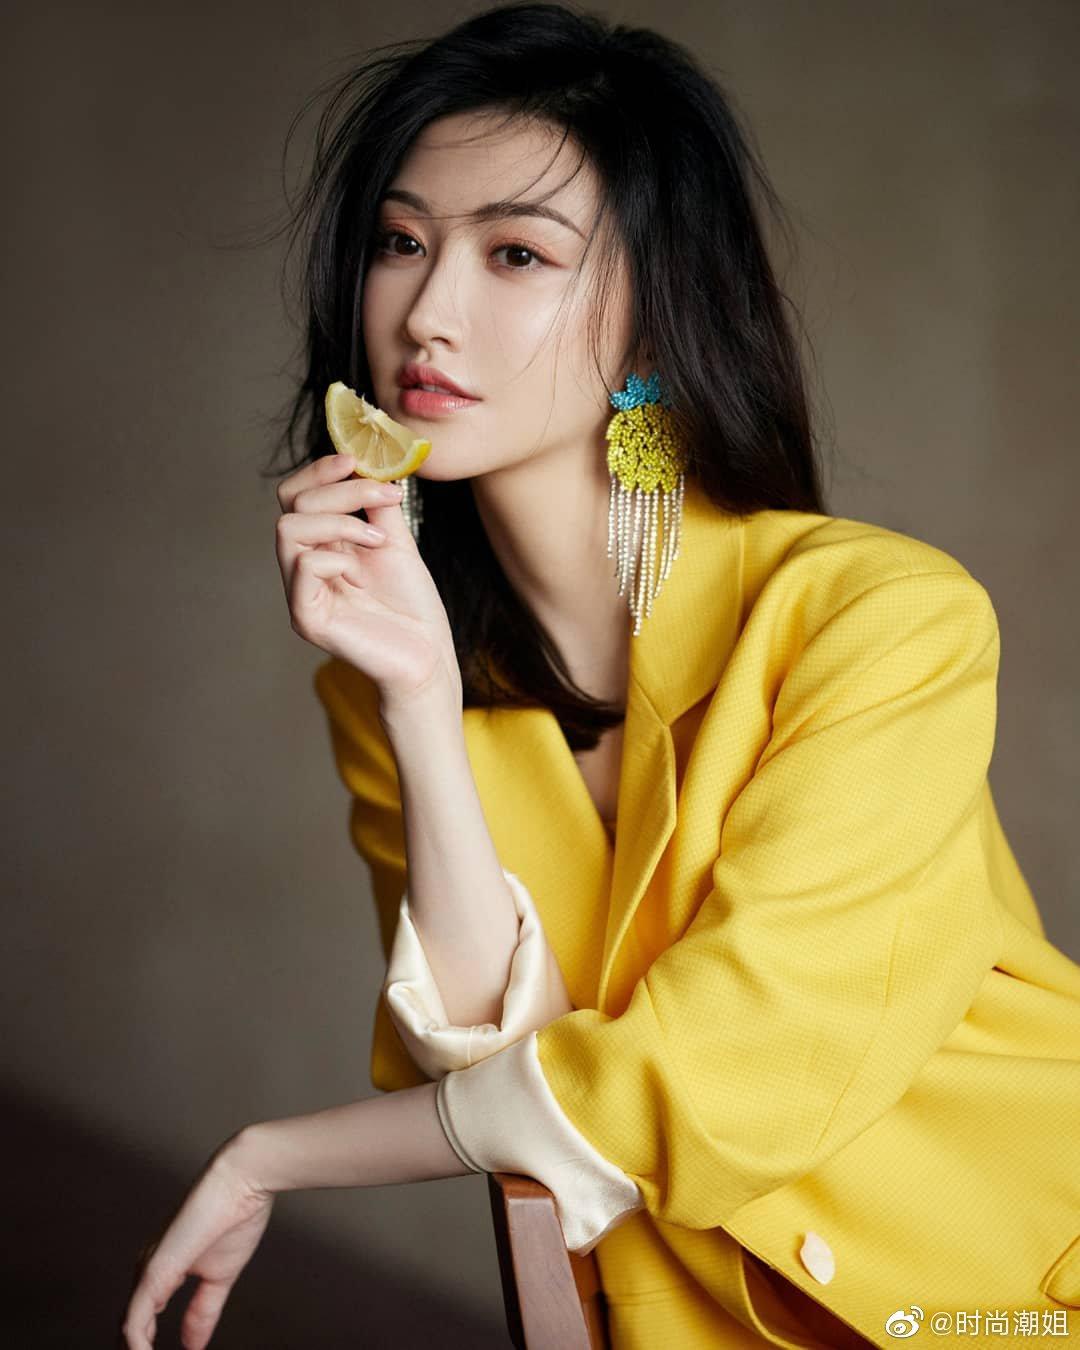 亮黄色西装飒酷又甜美景甜写真图片